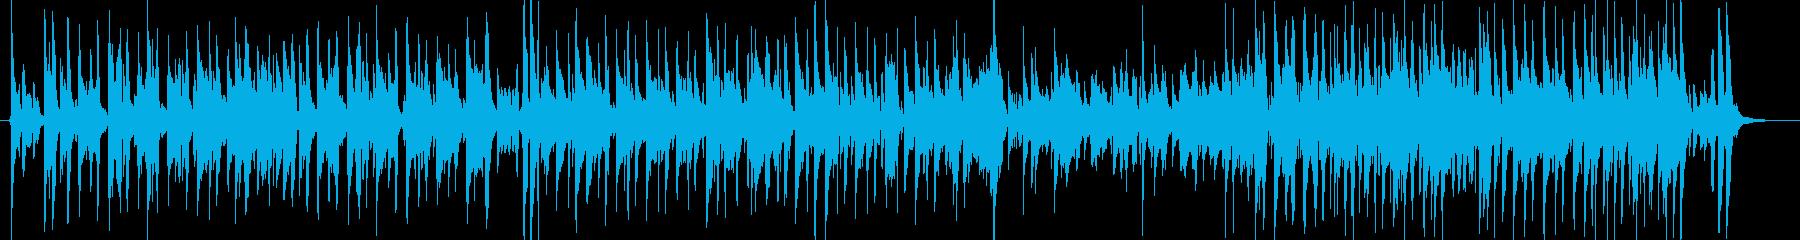 ギター・タンゴ・情熱・スパニッシュの再生済みの波形